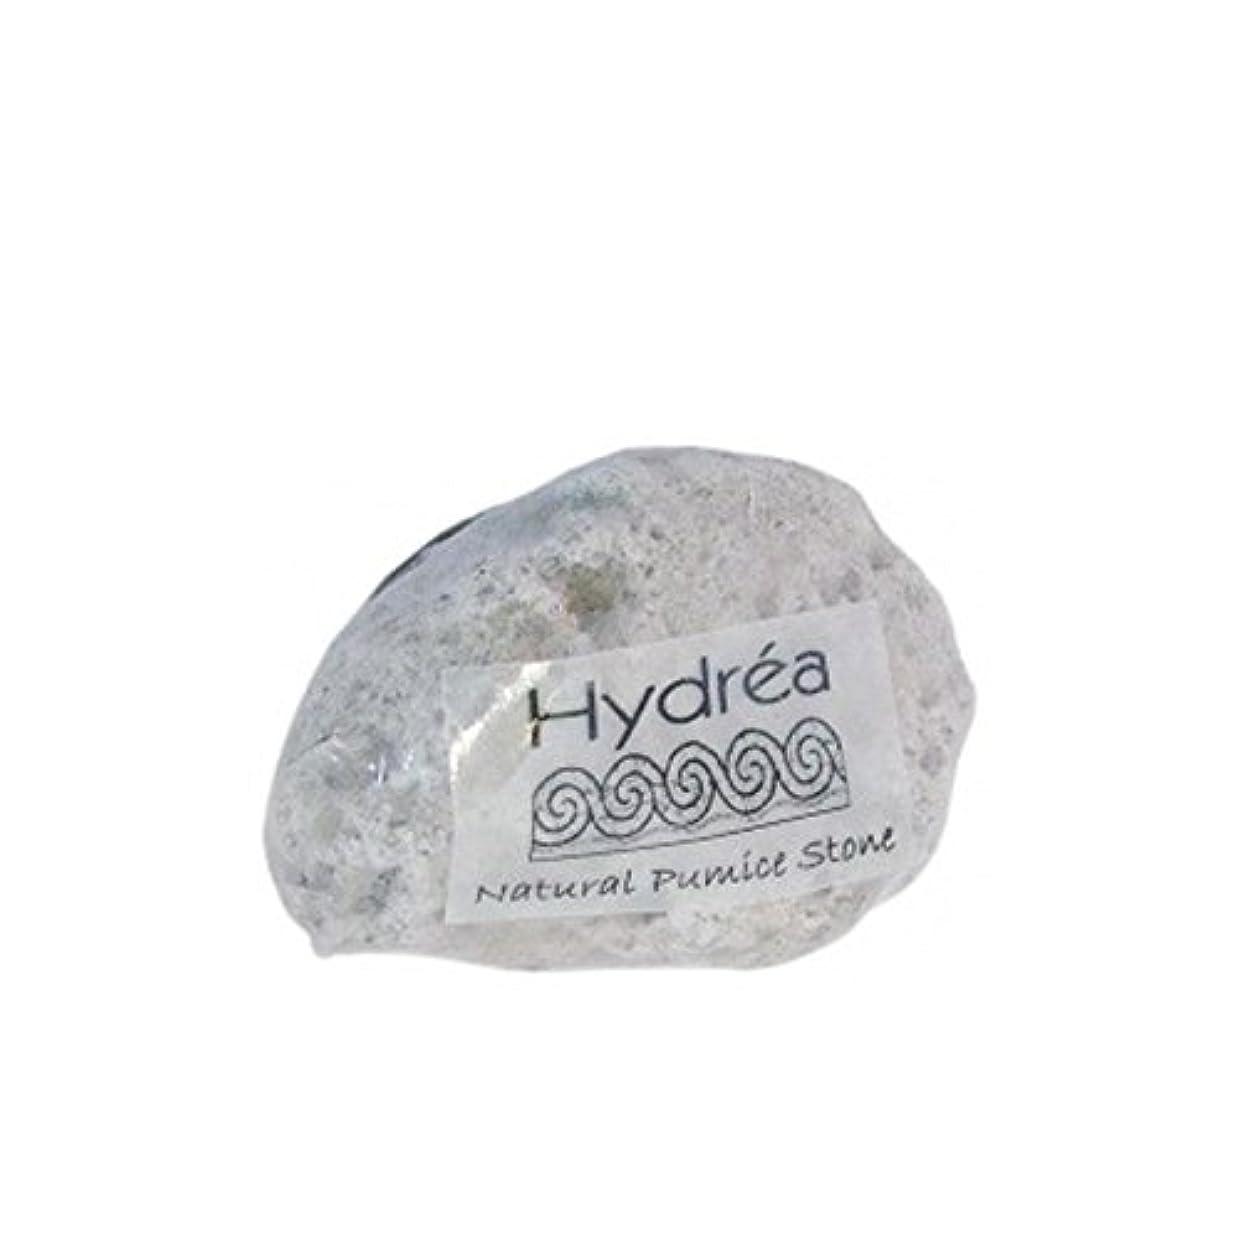 ハイドレアロンドン - 自然軽石 x4 - Hydrea London - Natural Pumice Stone (Pack of 4) [並行輸入品]